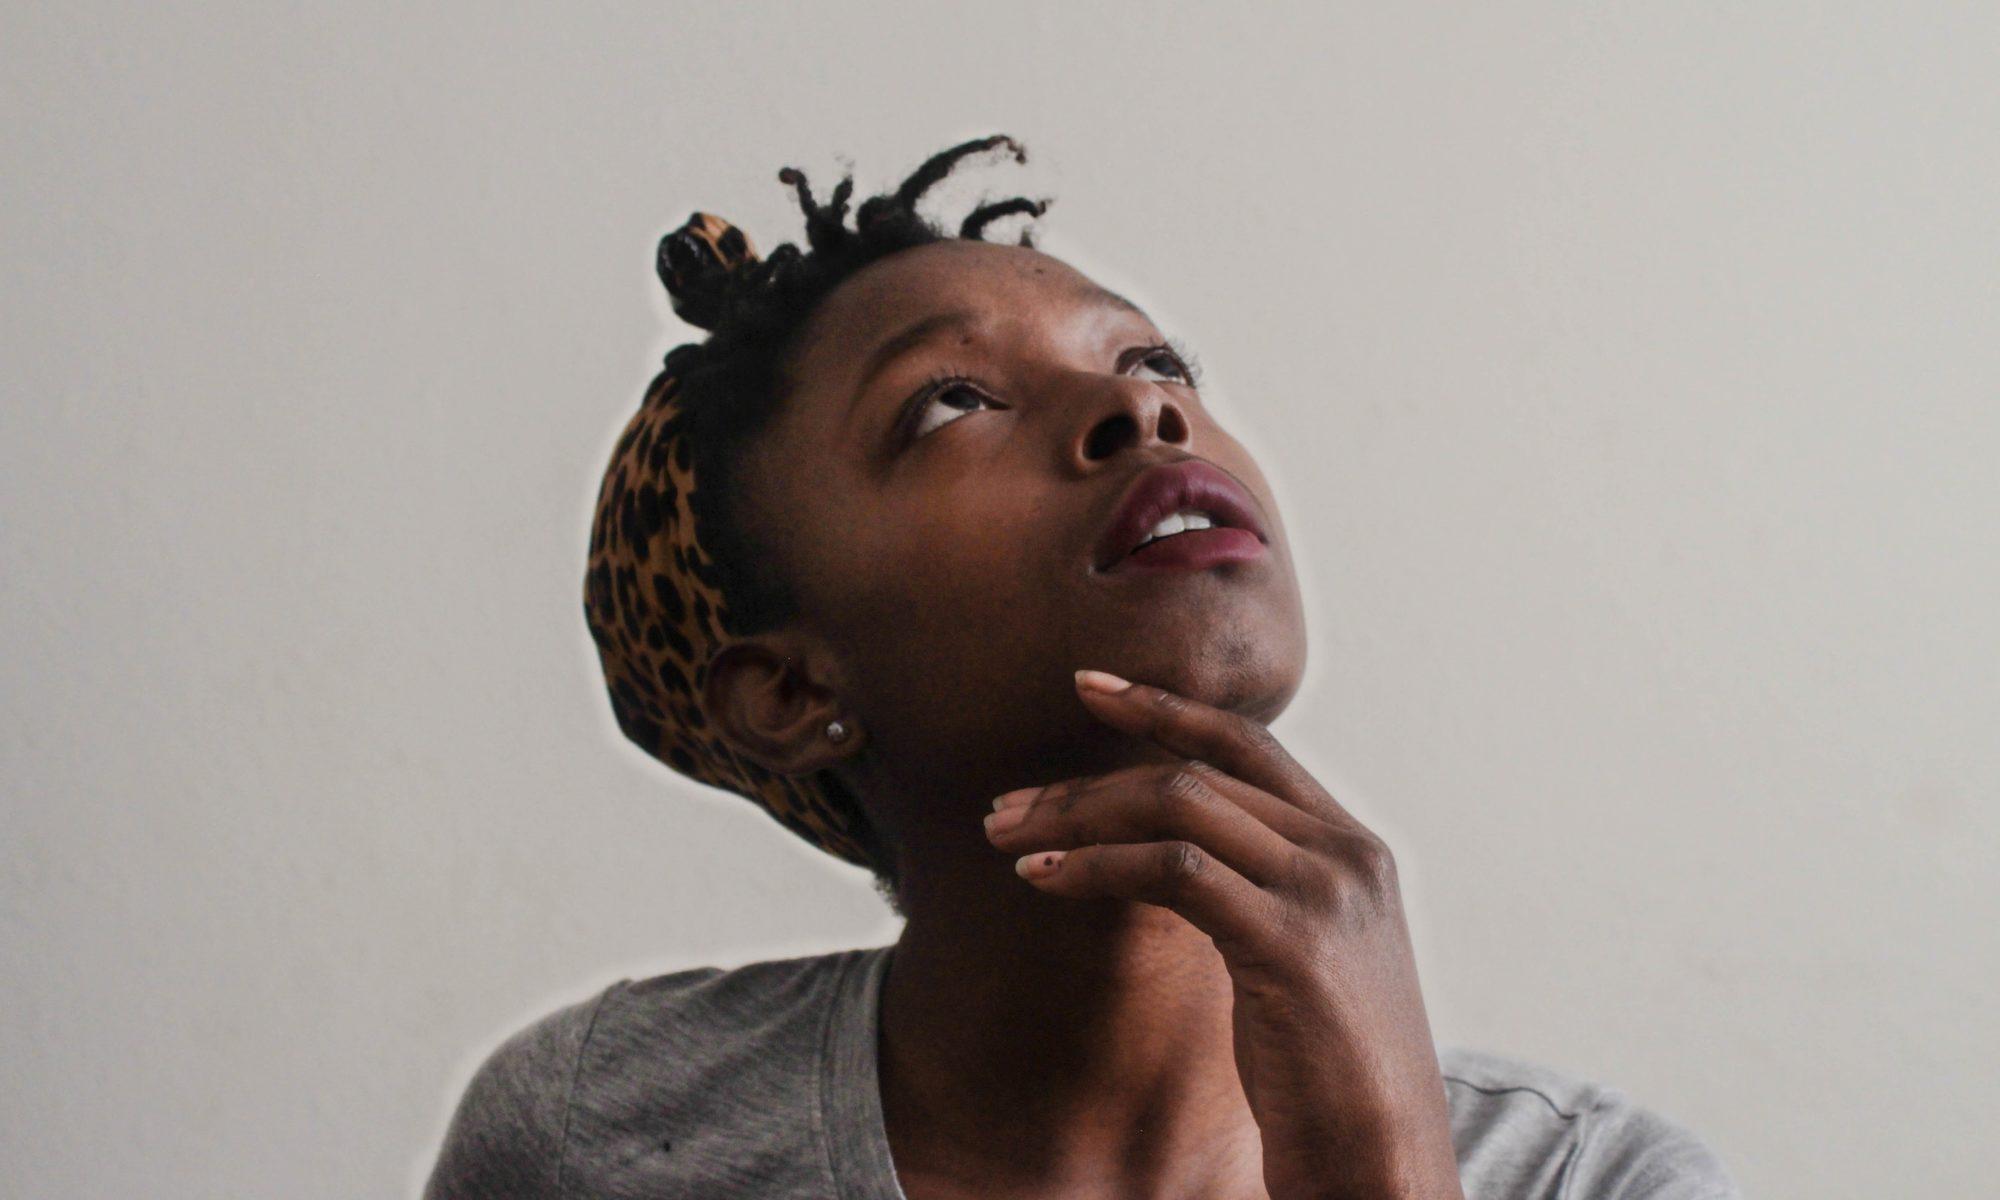 Porträt einer Frau in grauem T-Shirt, die nachdenklich nach oben blickt und sich eine Hand ans Kinn hält